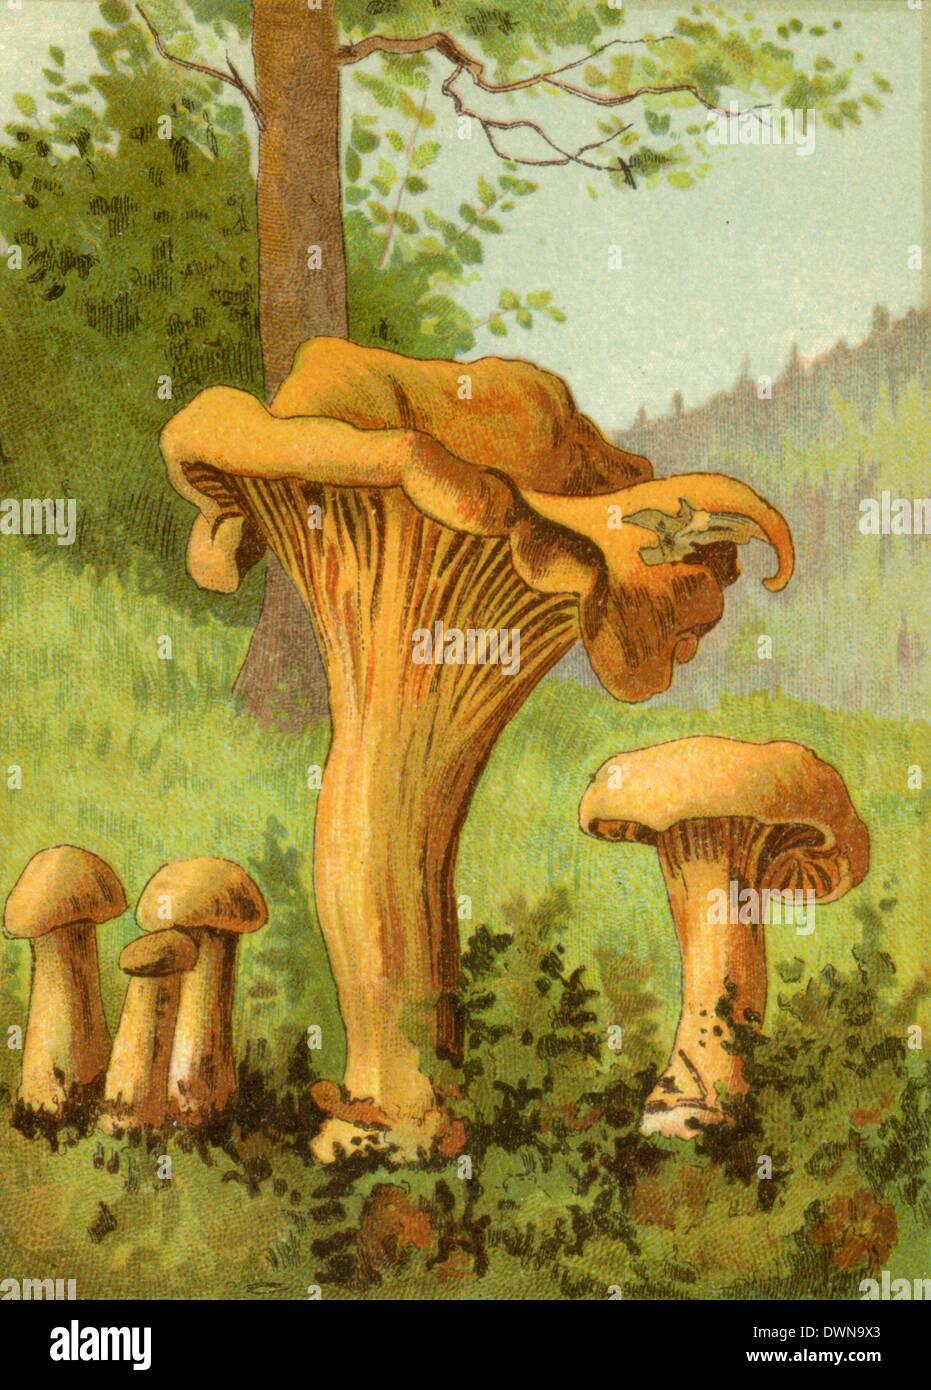 chanterelle, golden chanterelle or girolle - Stock Image